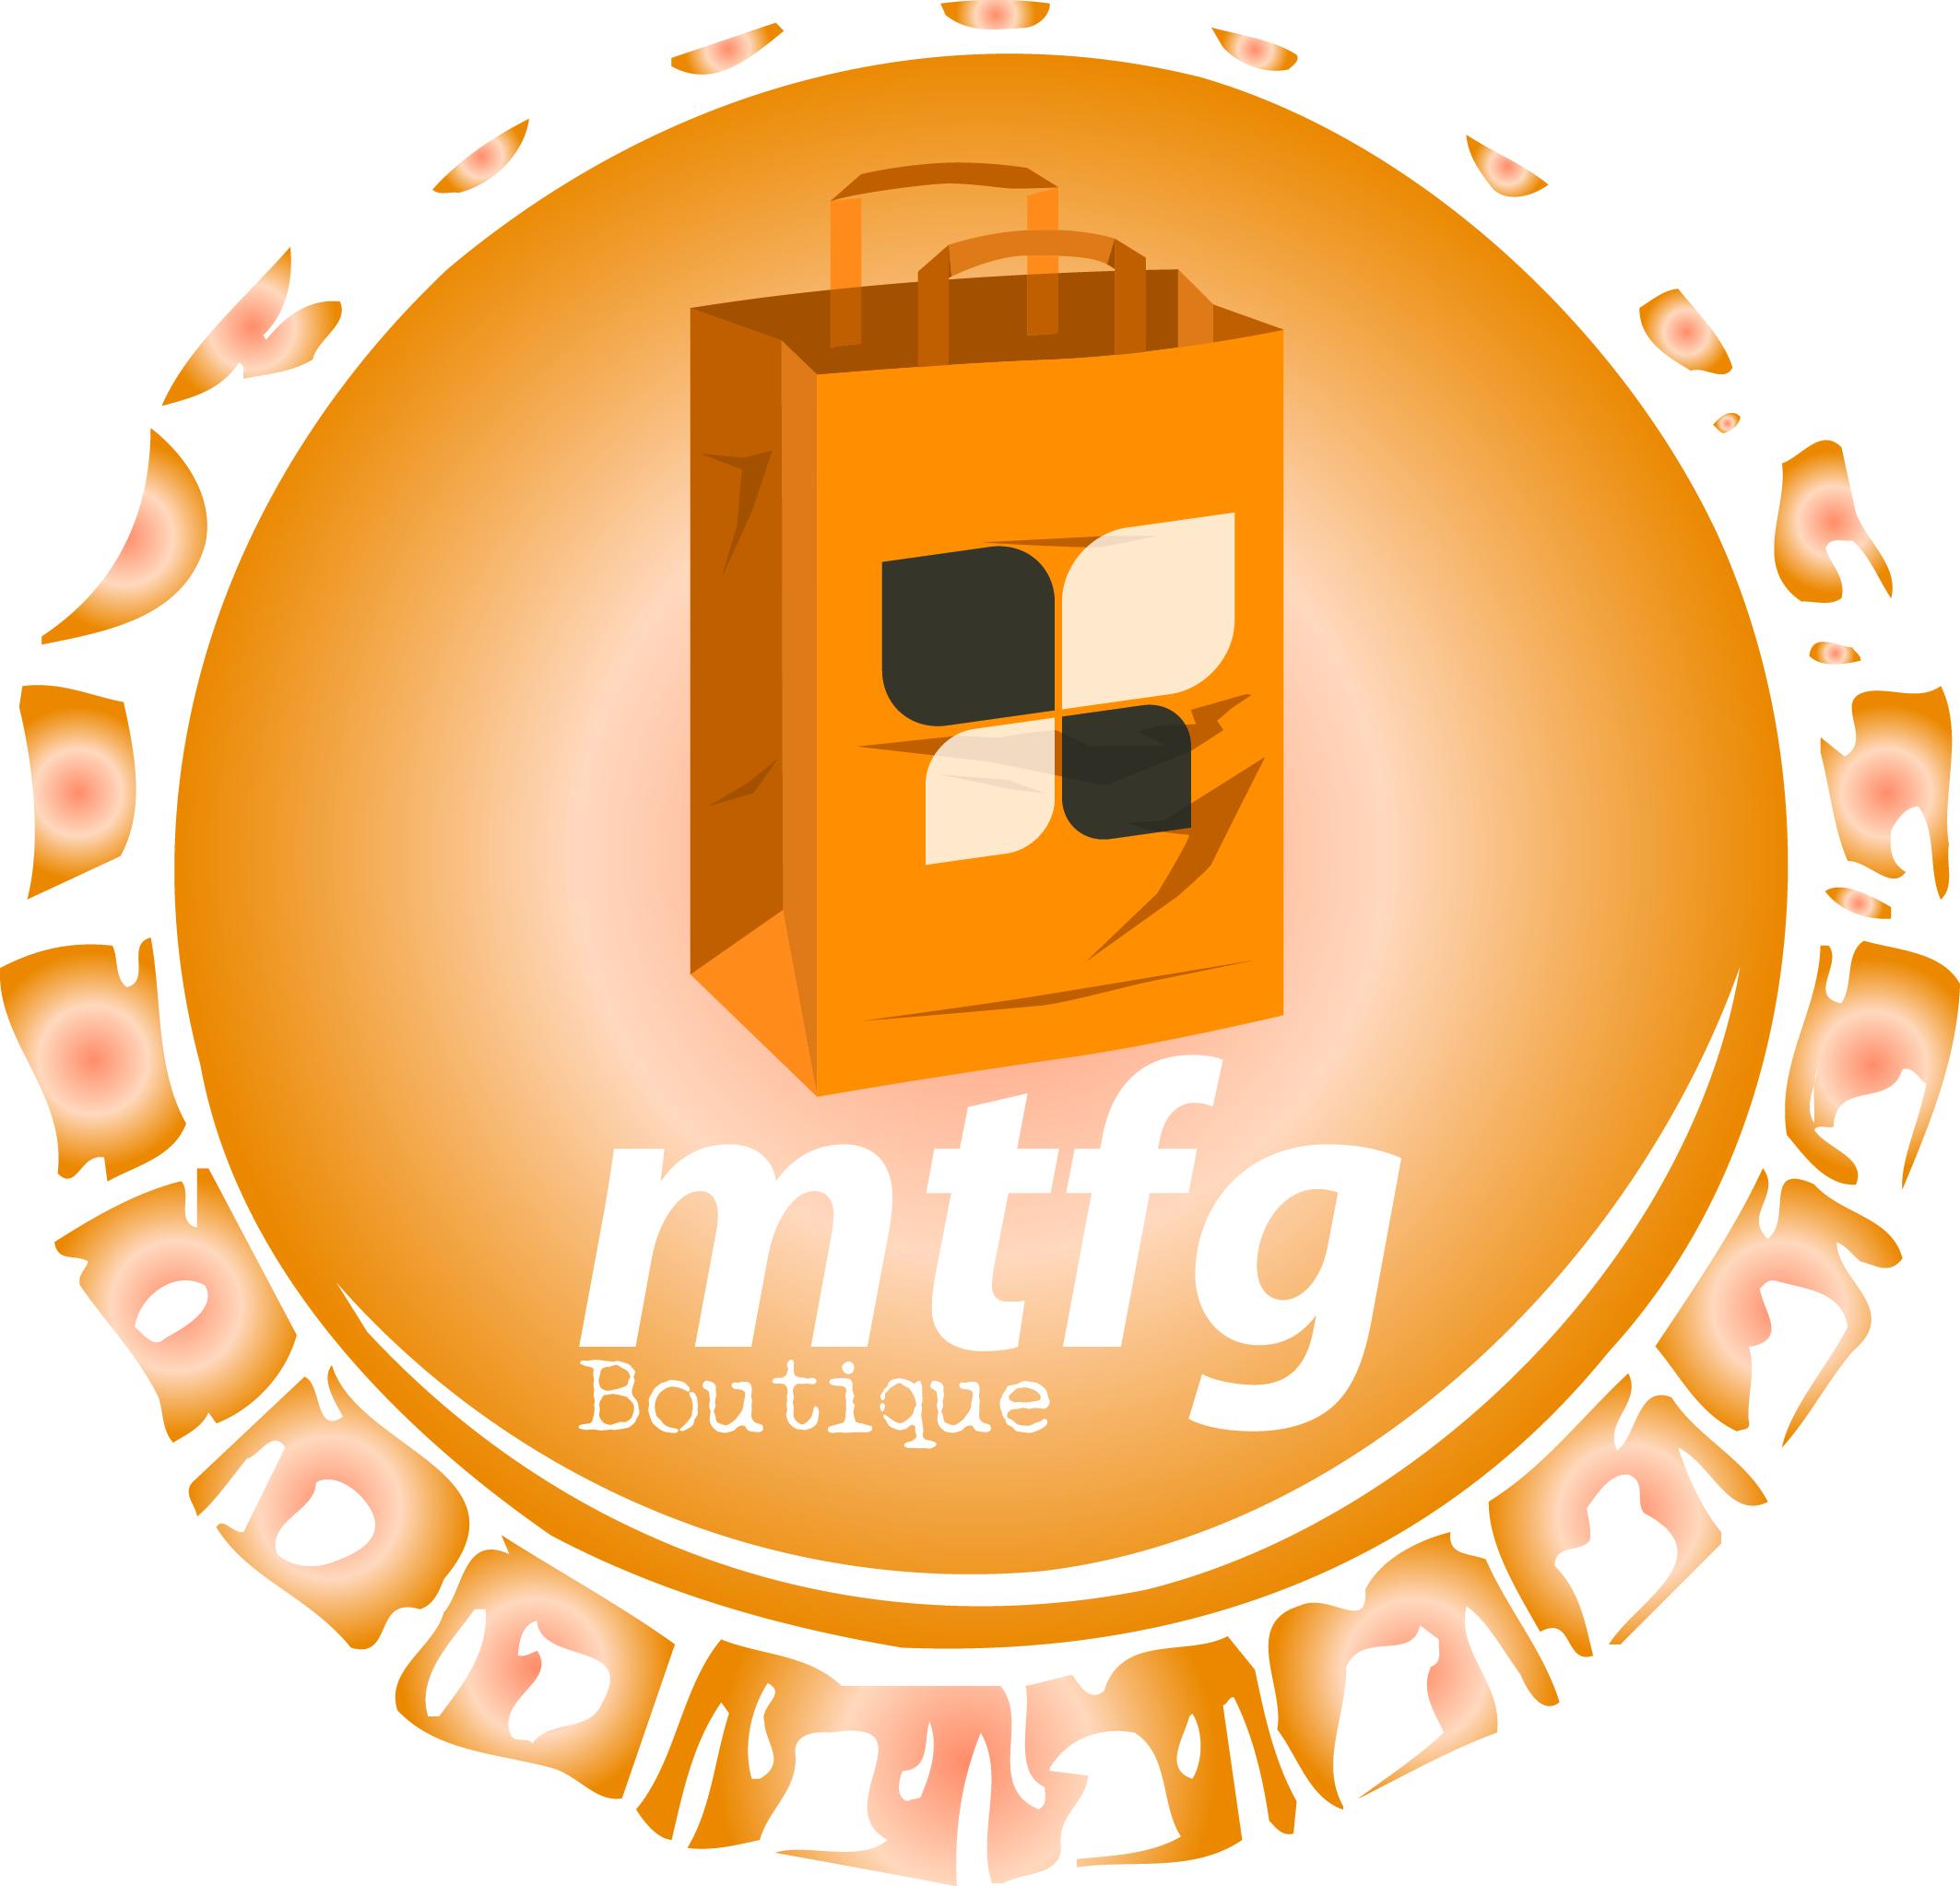 MTFG Boutique